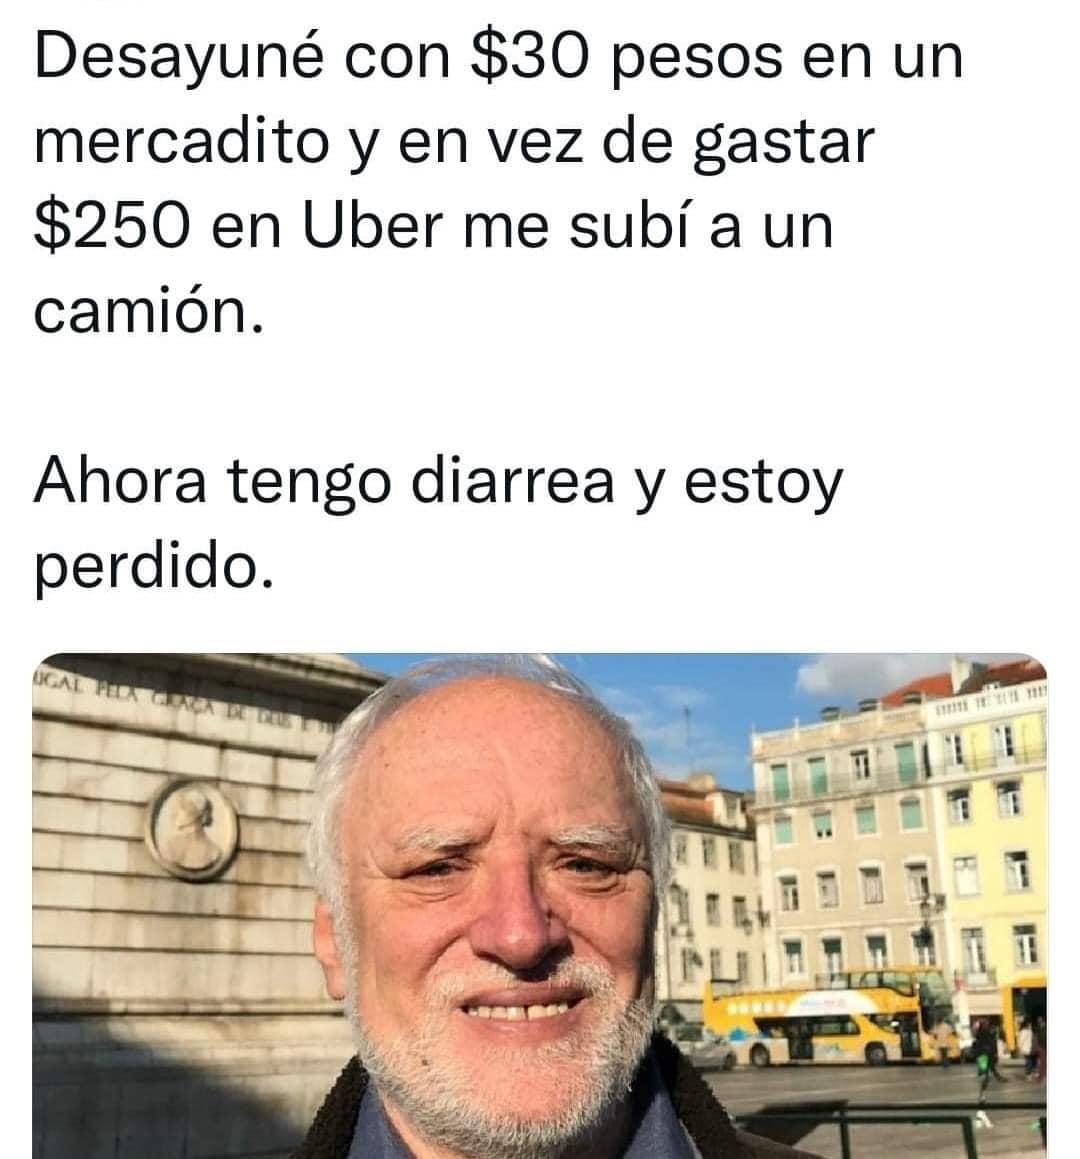 Desayuné con $30 pesos en un mercadito y en vez de gastar $250 en Uber me subí a un camión. Ahora tengo diarrea y estoy perdido.